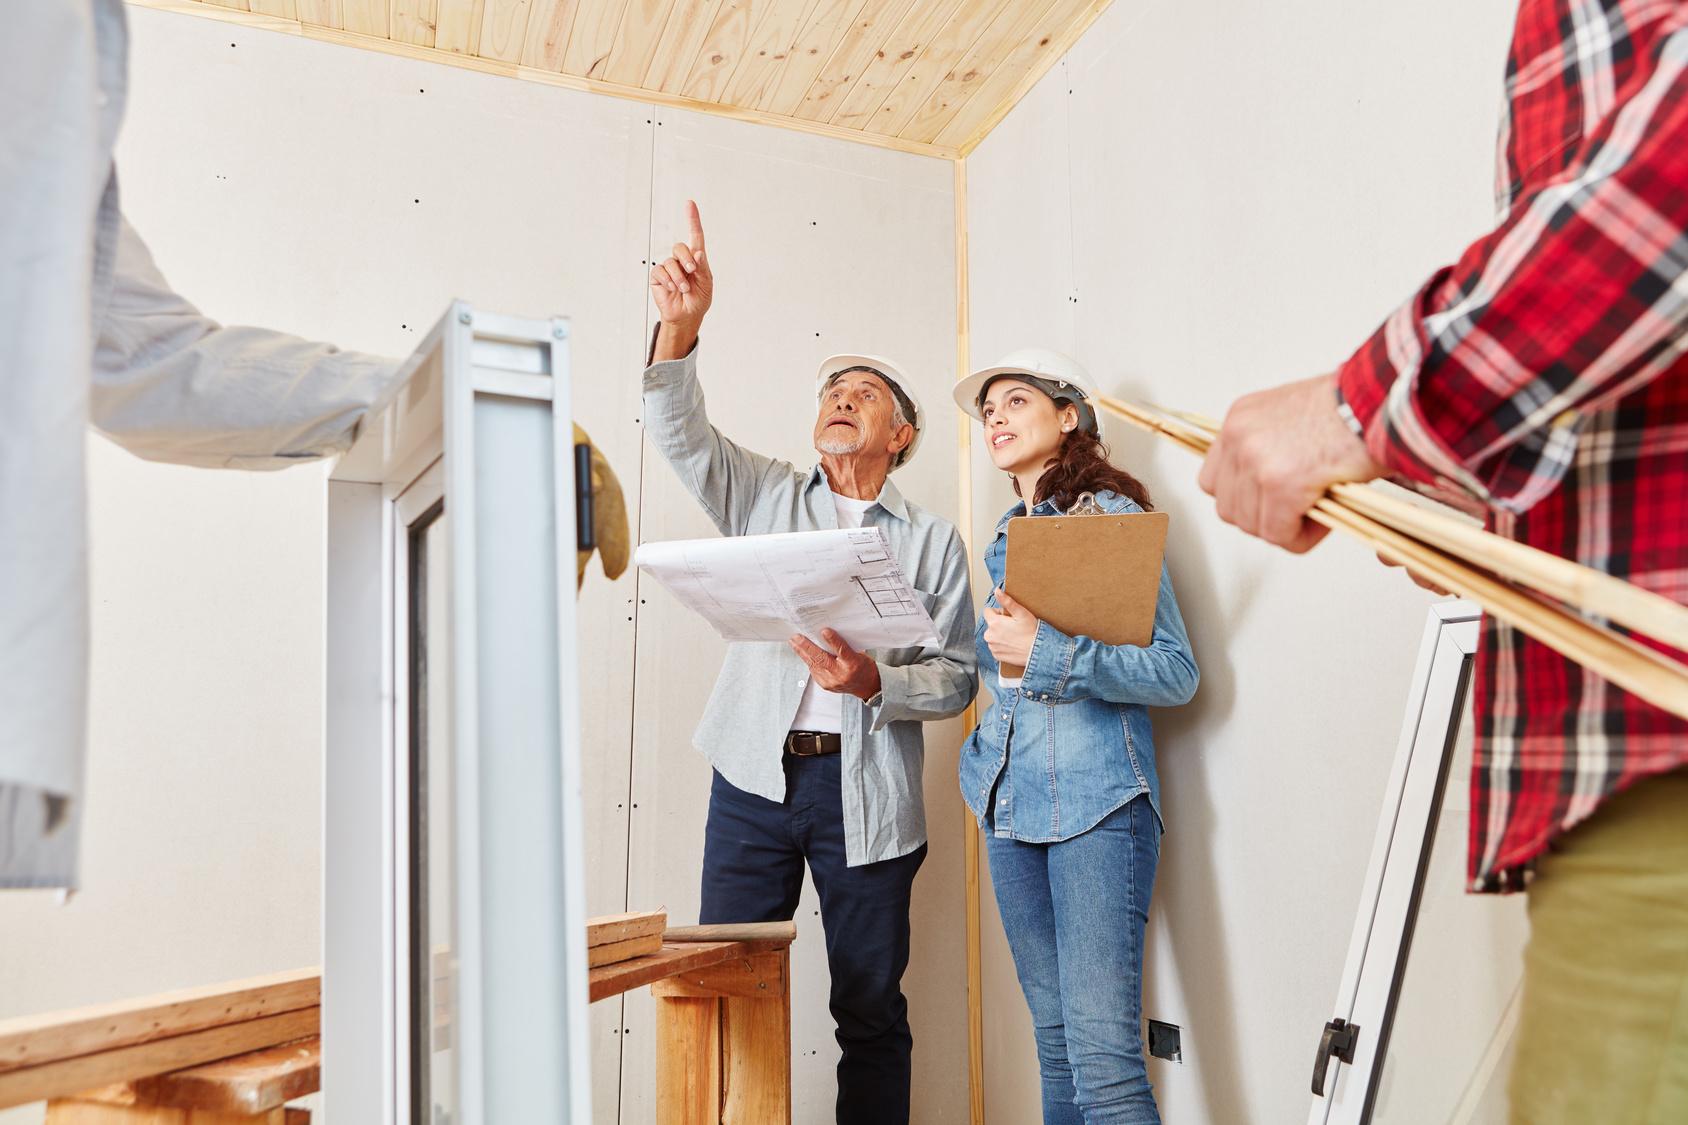 Sprzątanie mieszkania po remoncie - obowiązki właściciela mieszkania